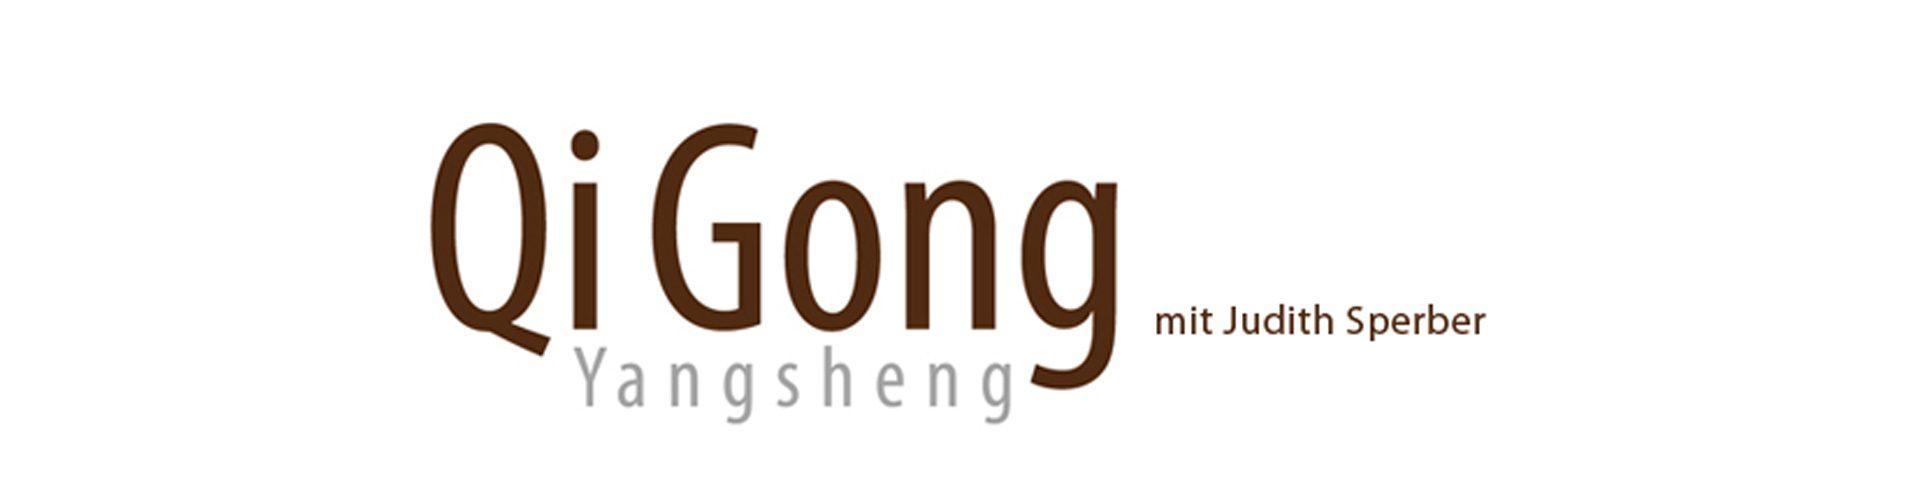 GraphikundGestaltung Grafik und Gestaltung Christoph Fincke Kunden: Judith Sperber QiGomg Kurse Würzburg